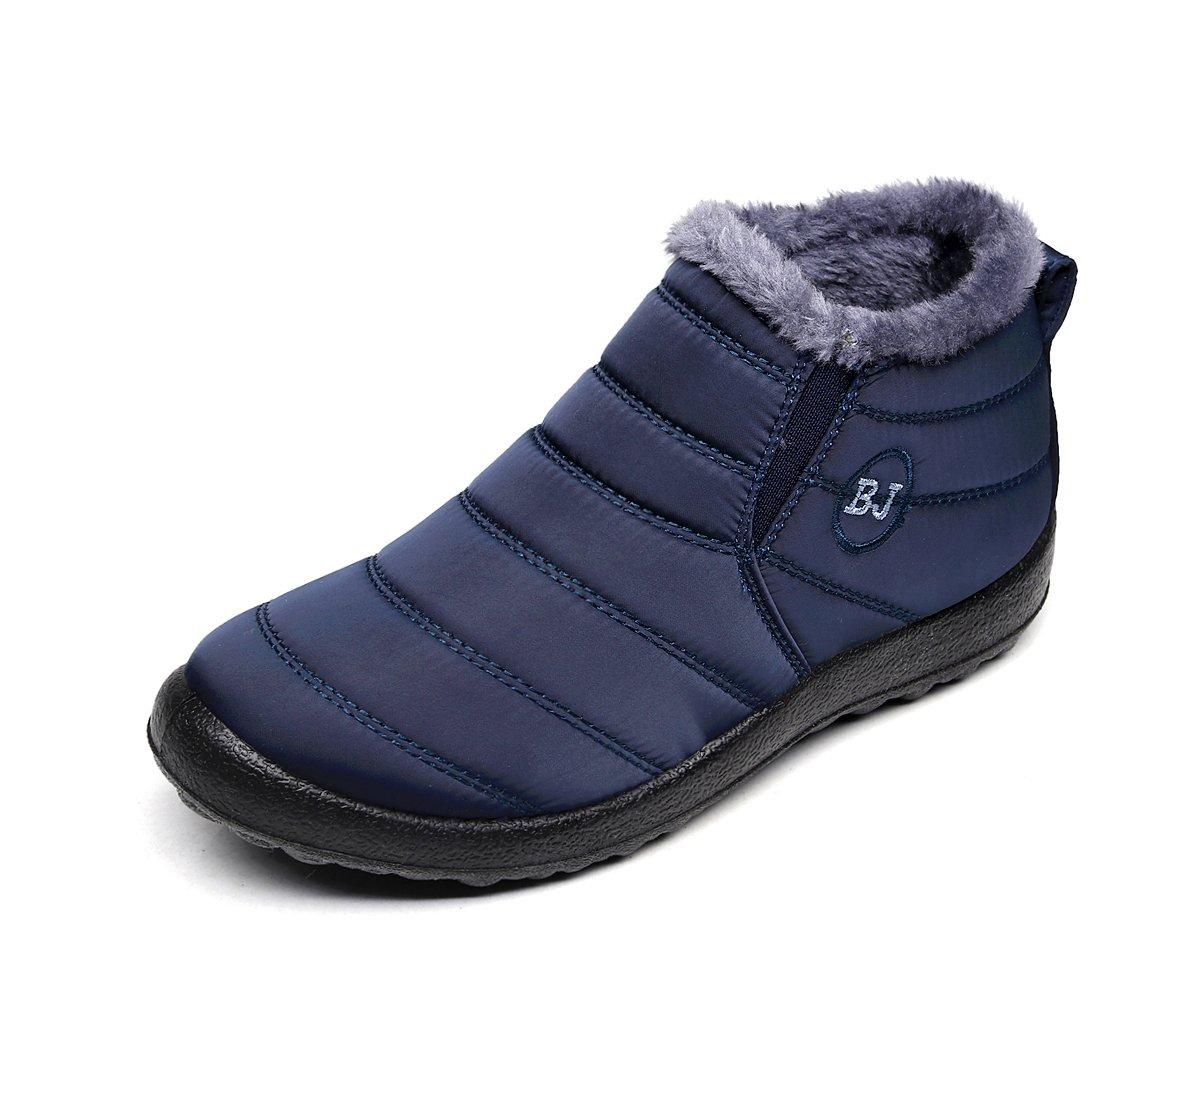 Chaussures Bottes Boots de Neige avec Femme Chaud Imperméable Doublure Cheville Hiver Boots Imperméable avec Epais Fourrure Bottine pour Hommes Femme Bleu Profond d4eb339 - conorscully.space